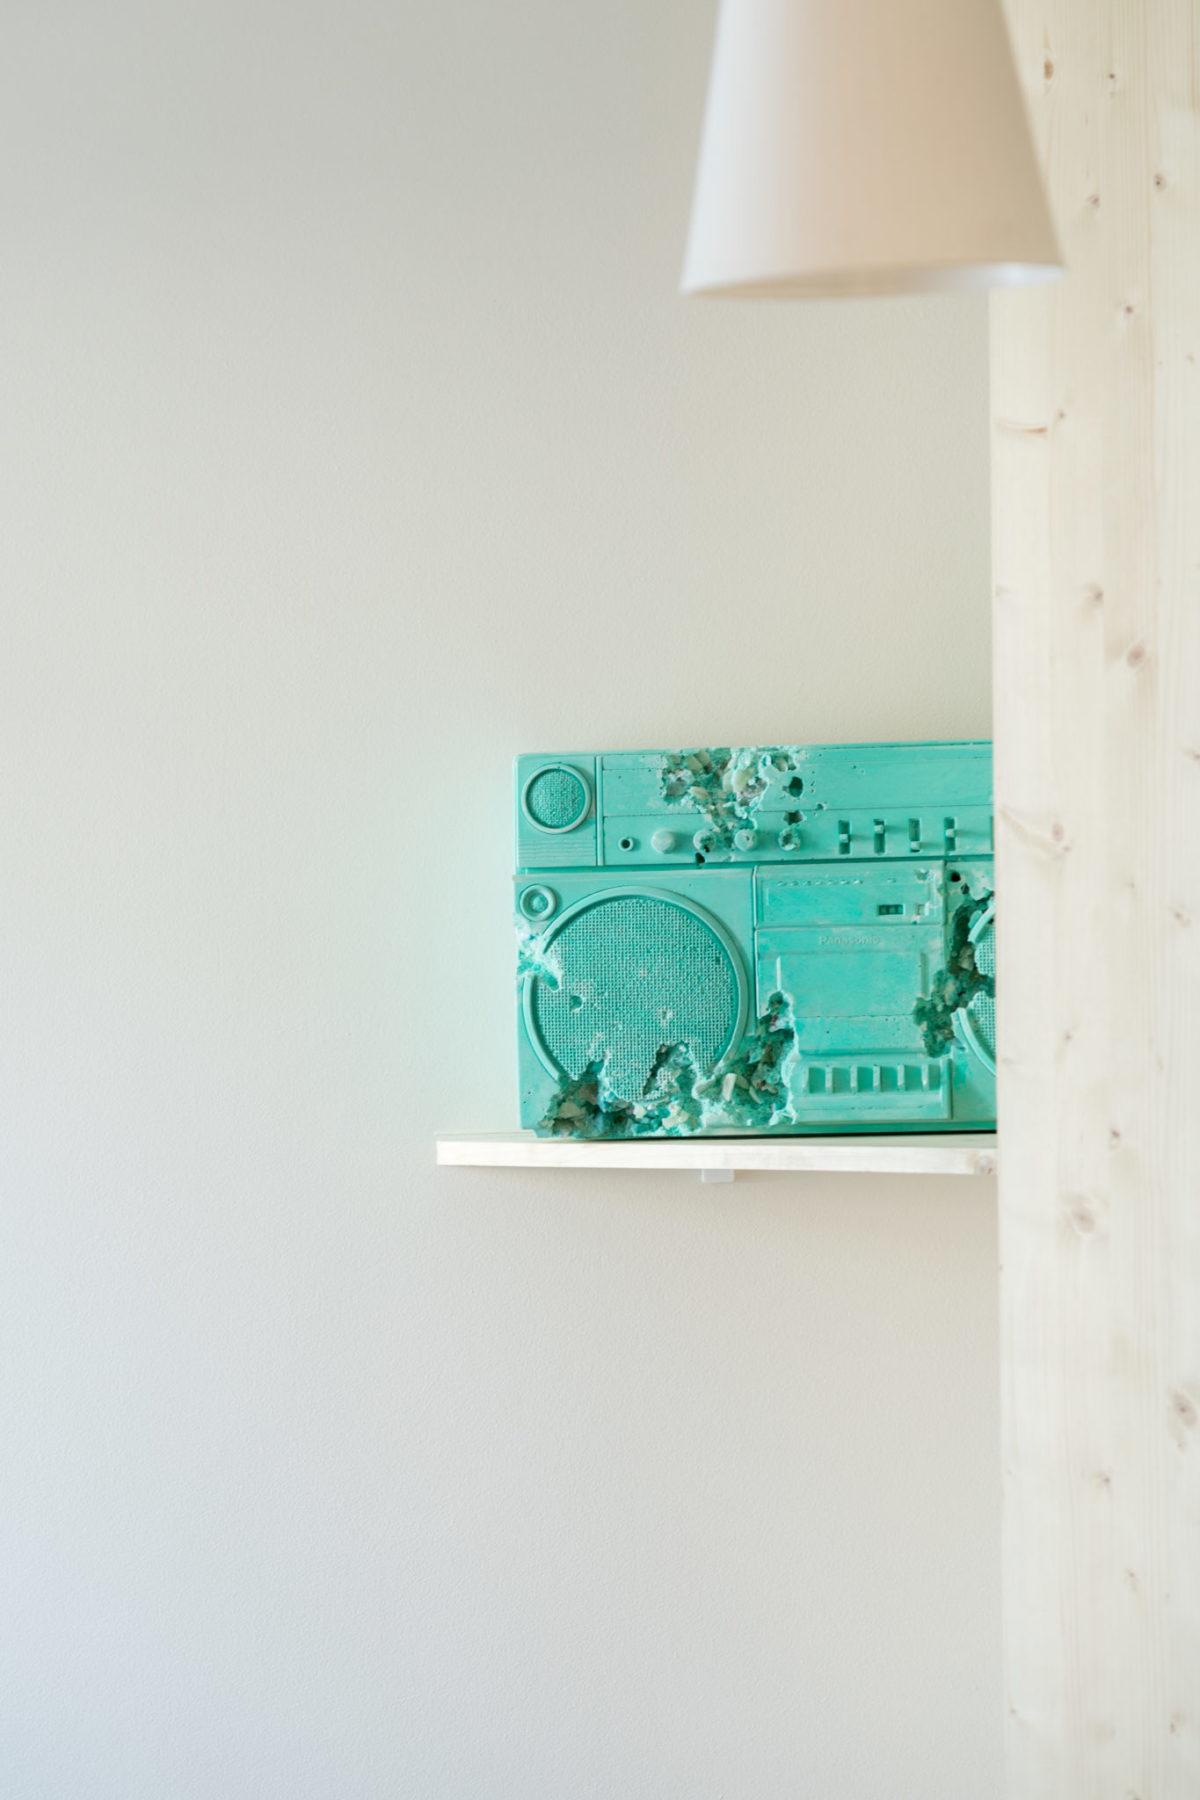 Sculpture radio / ghetto blaster en plâtre posée sur étagère, art contemporrain.